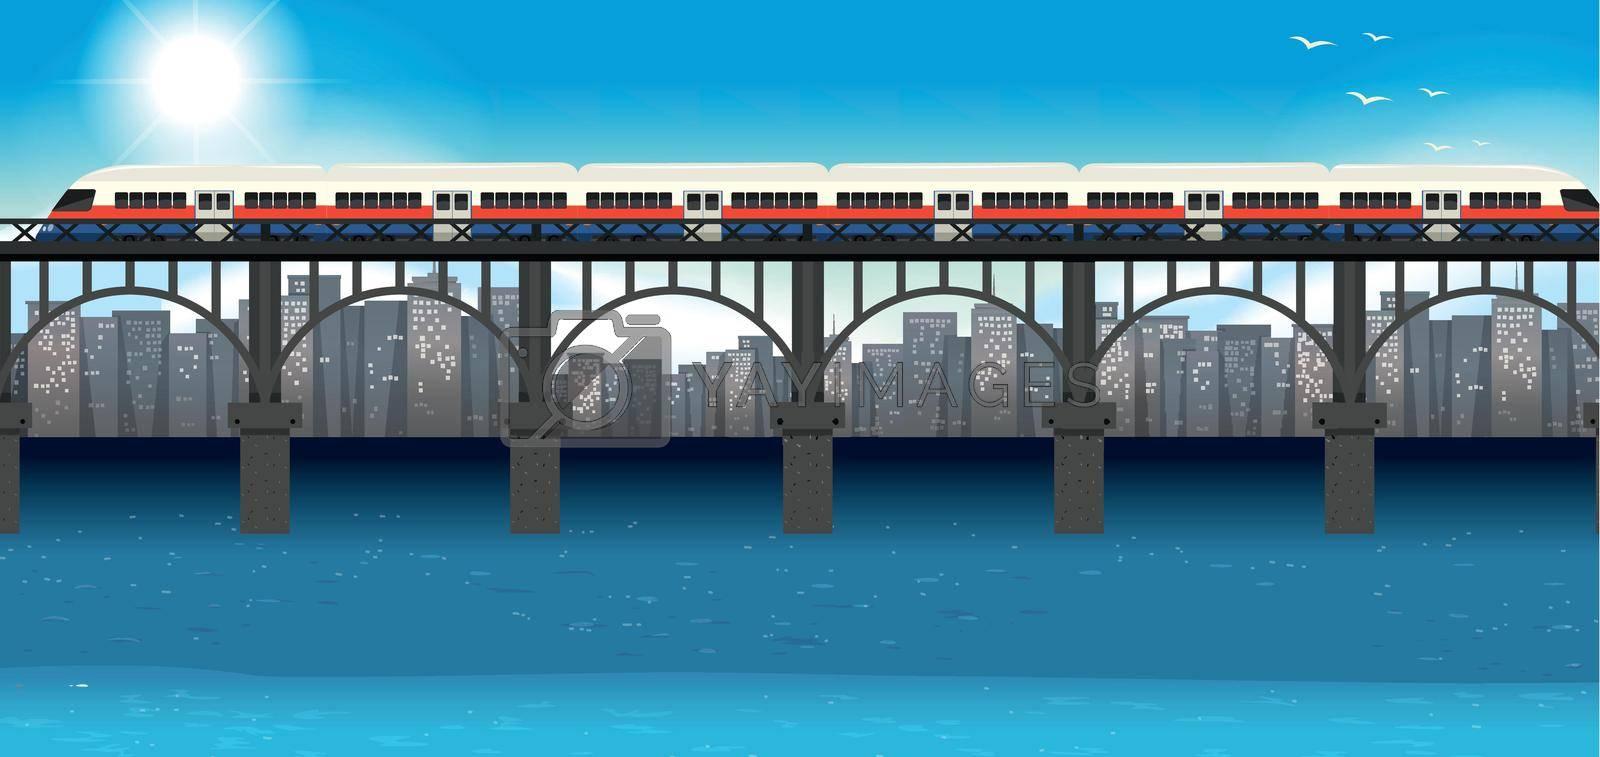 Modern train urban transportation illustration